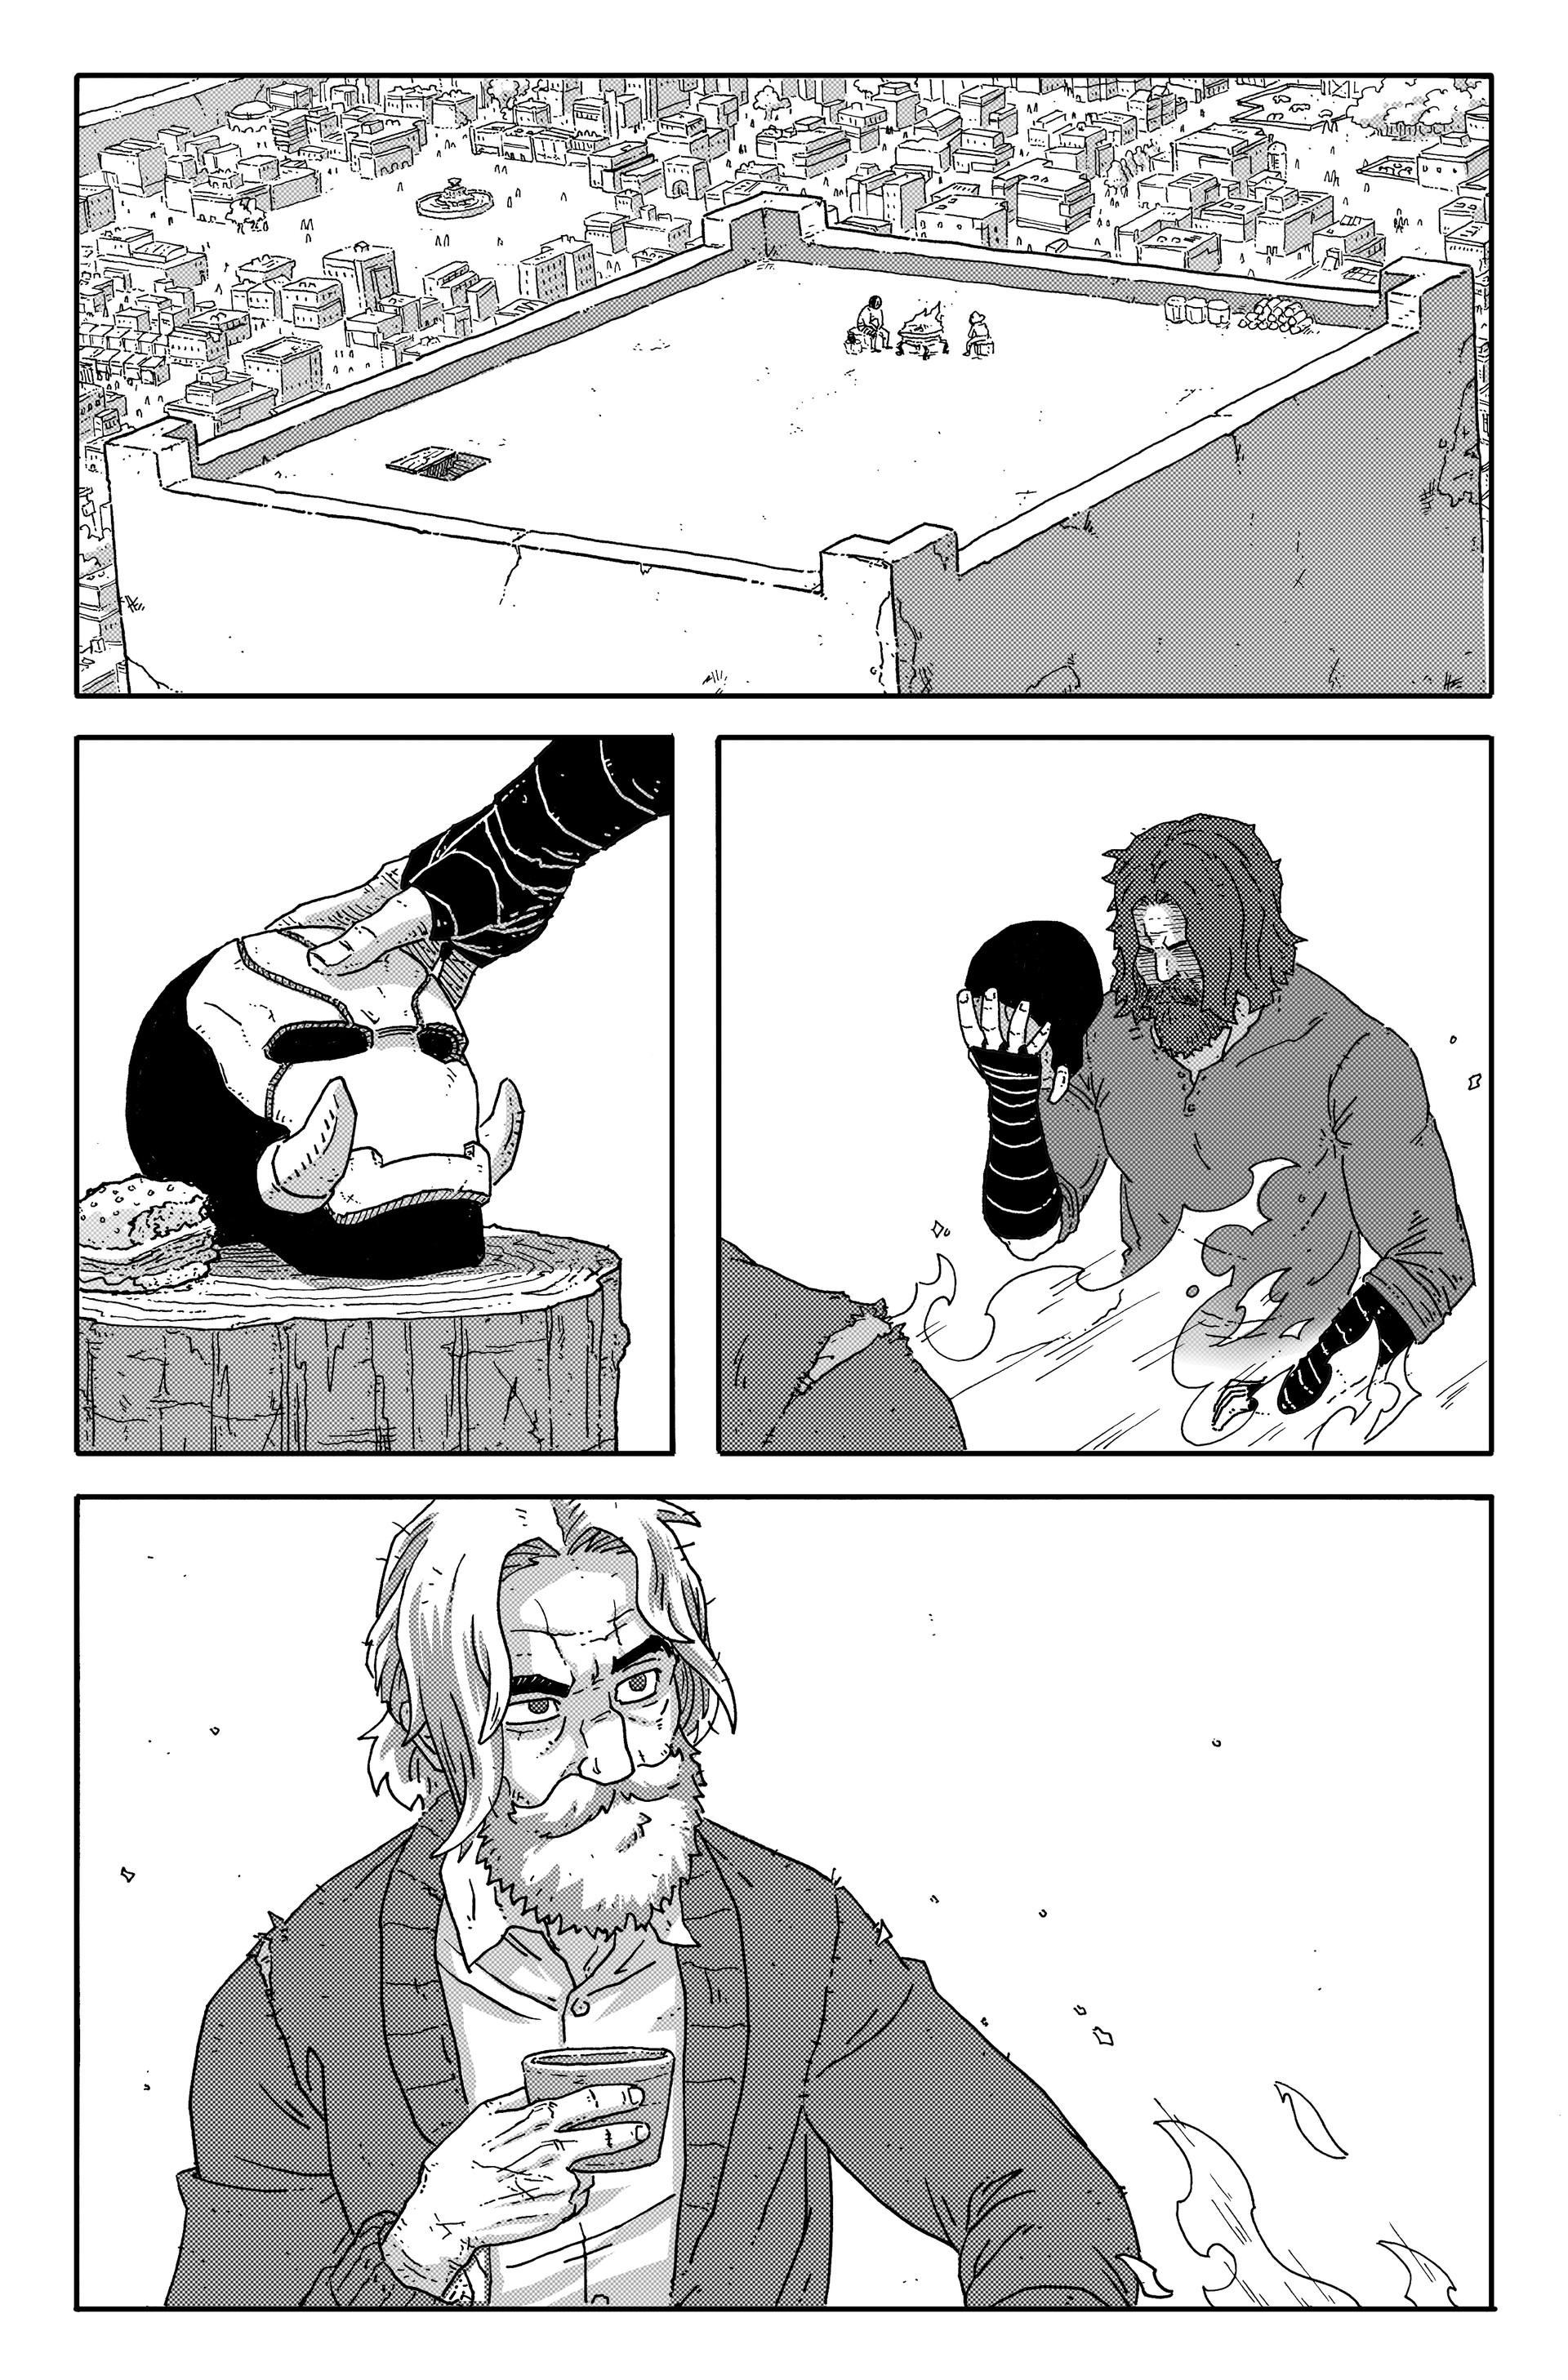 Andrew sebastian kwan pg 8